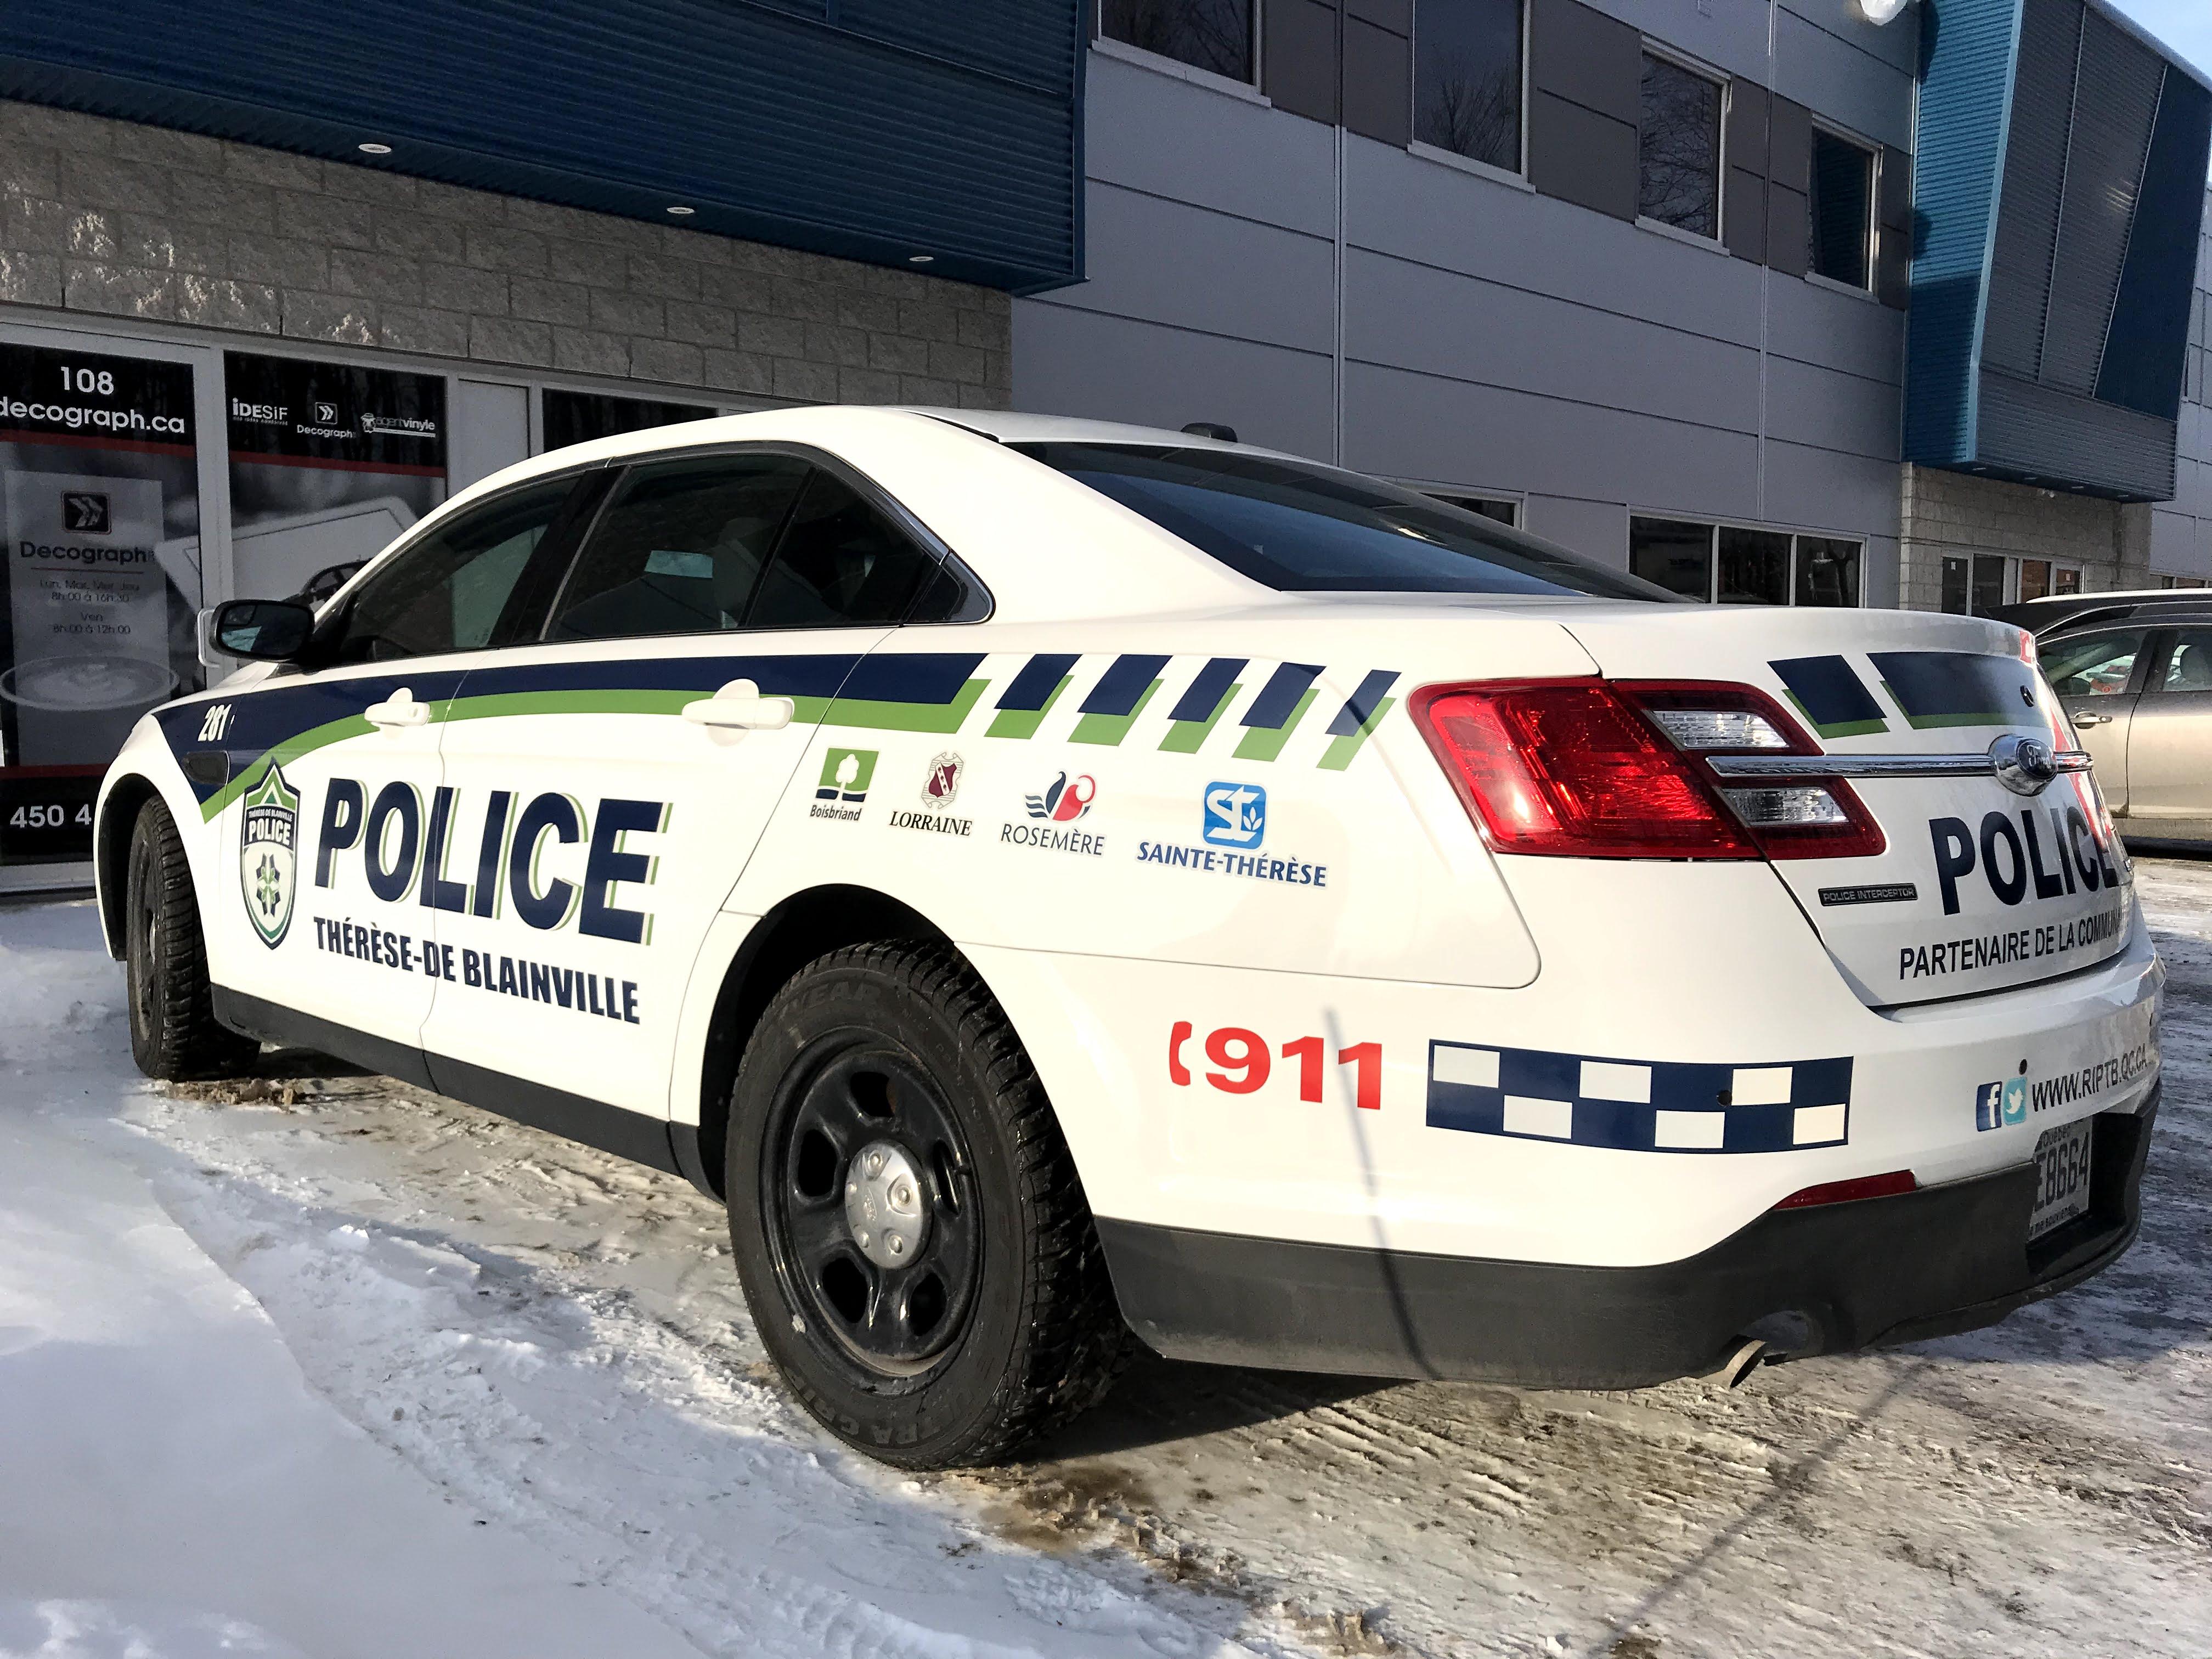 Police_Thérèse de blainville281_1